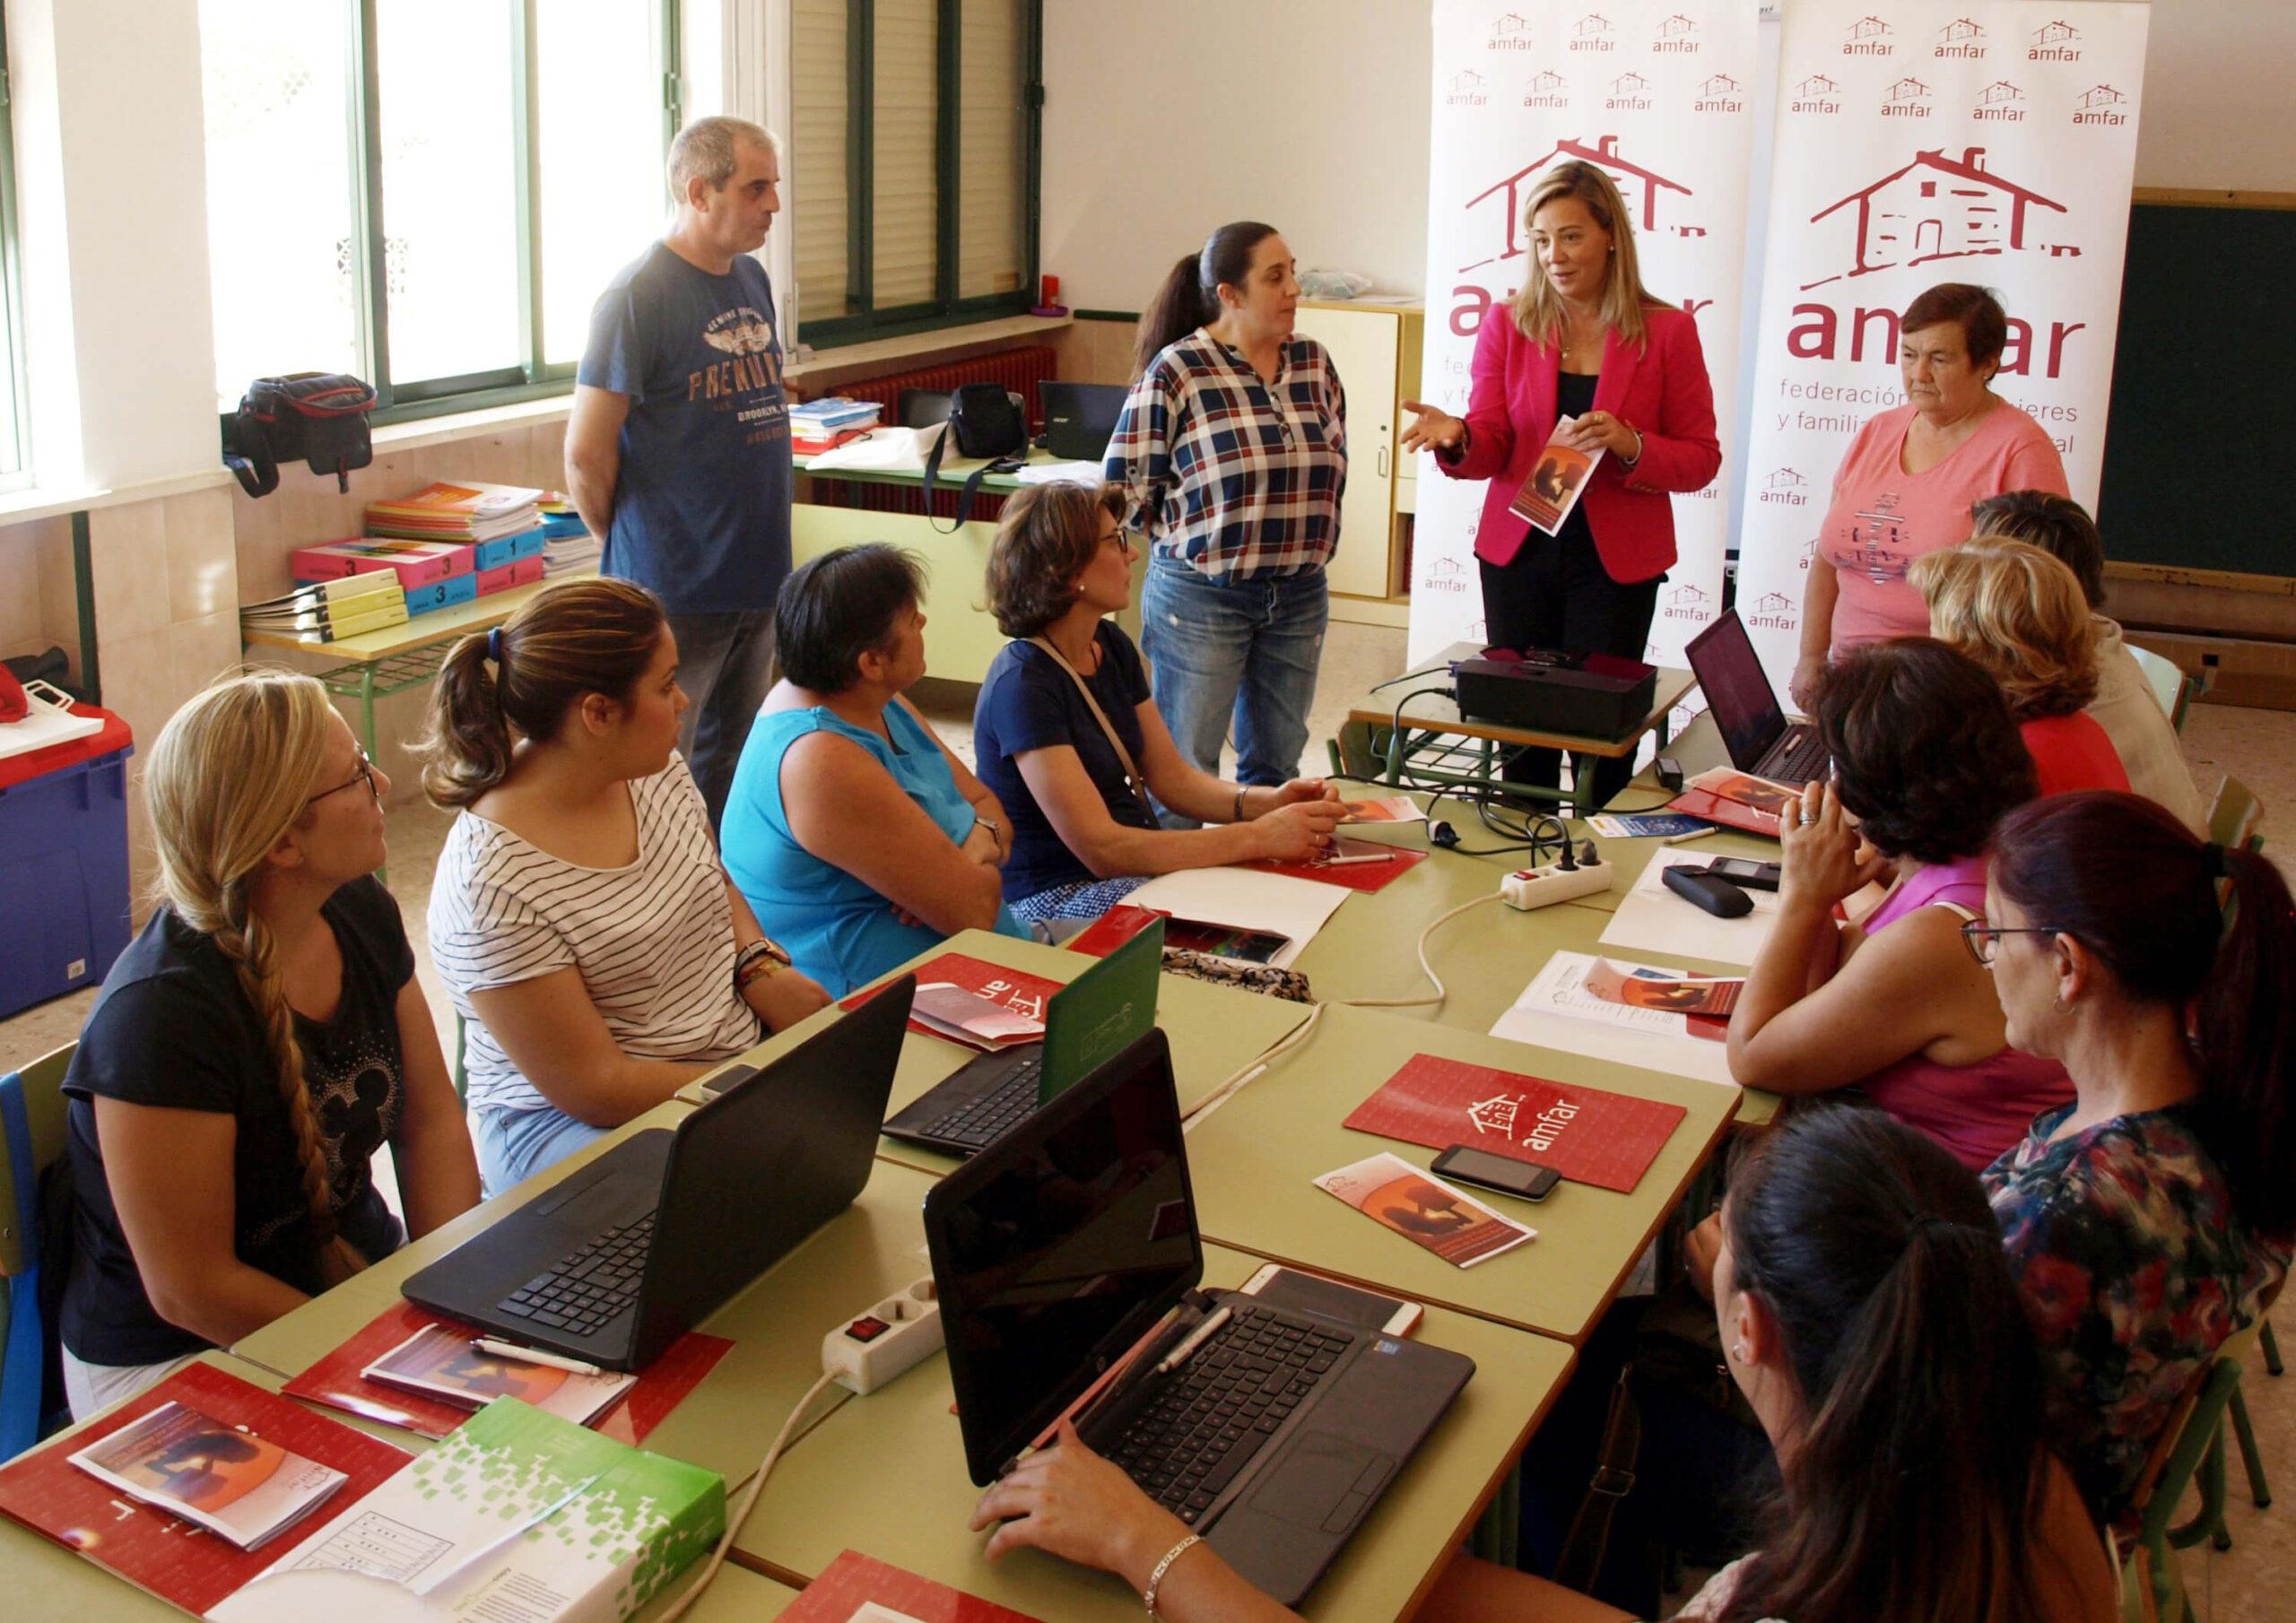 Formación rural en tiempos de pandemia: AMFAR otorga a 58 mujeres rurales el diploma acreditativo de formación online